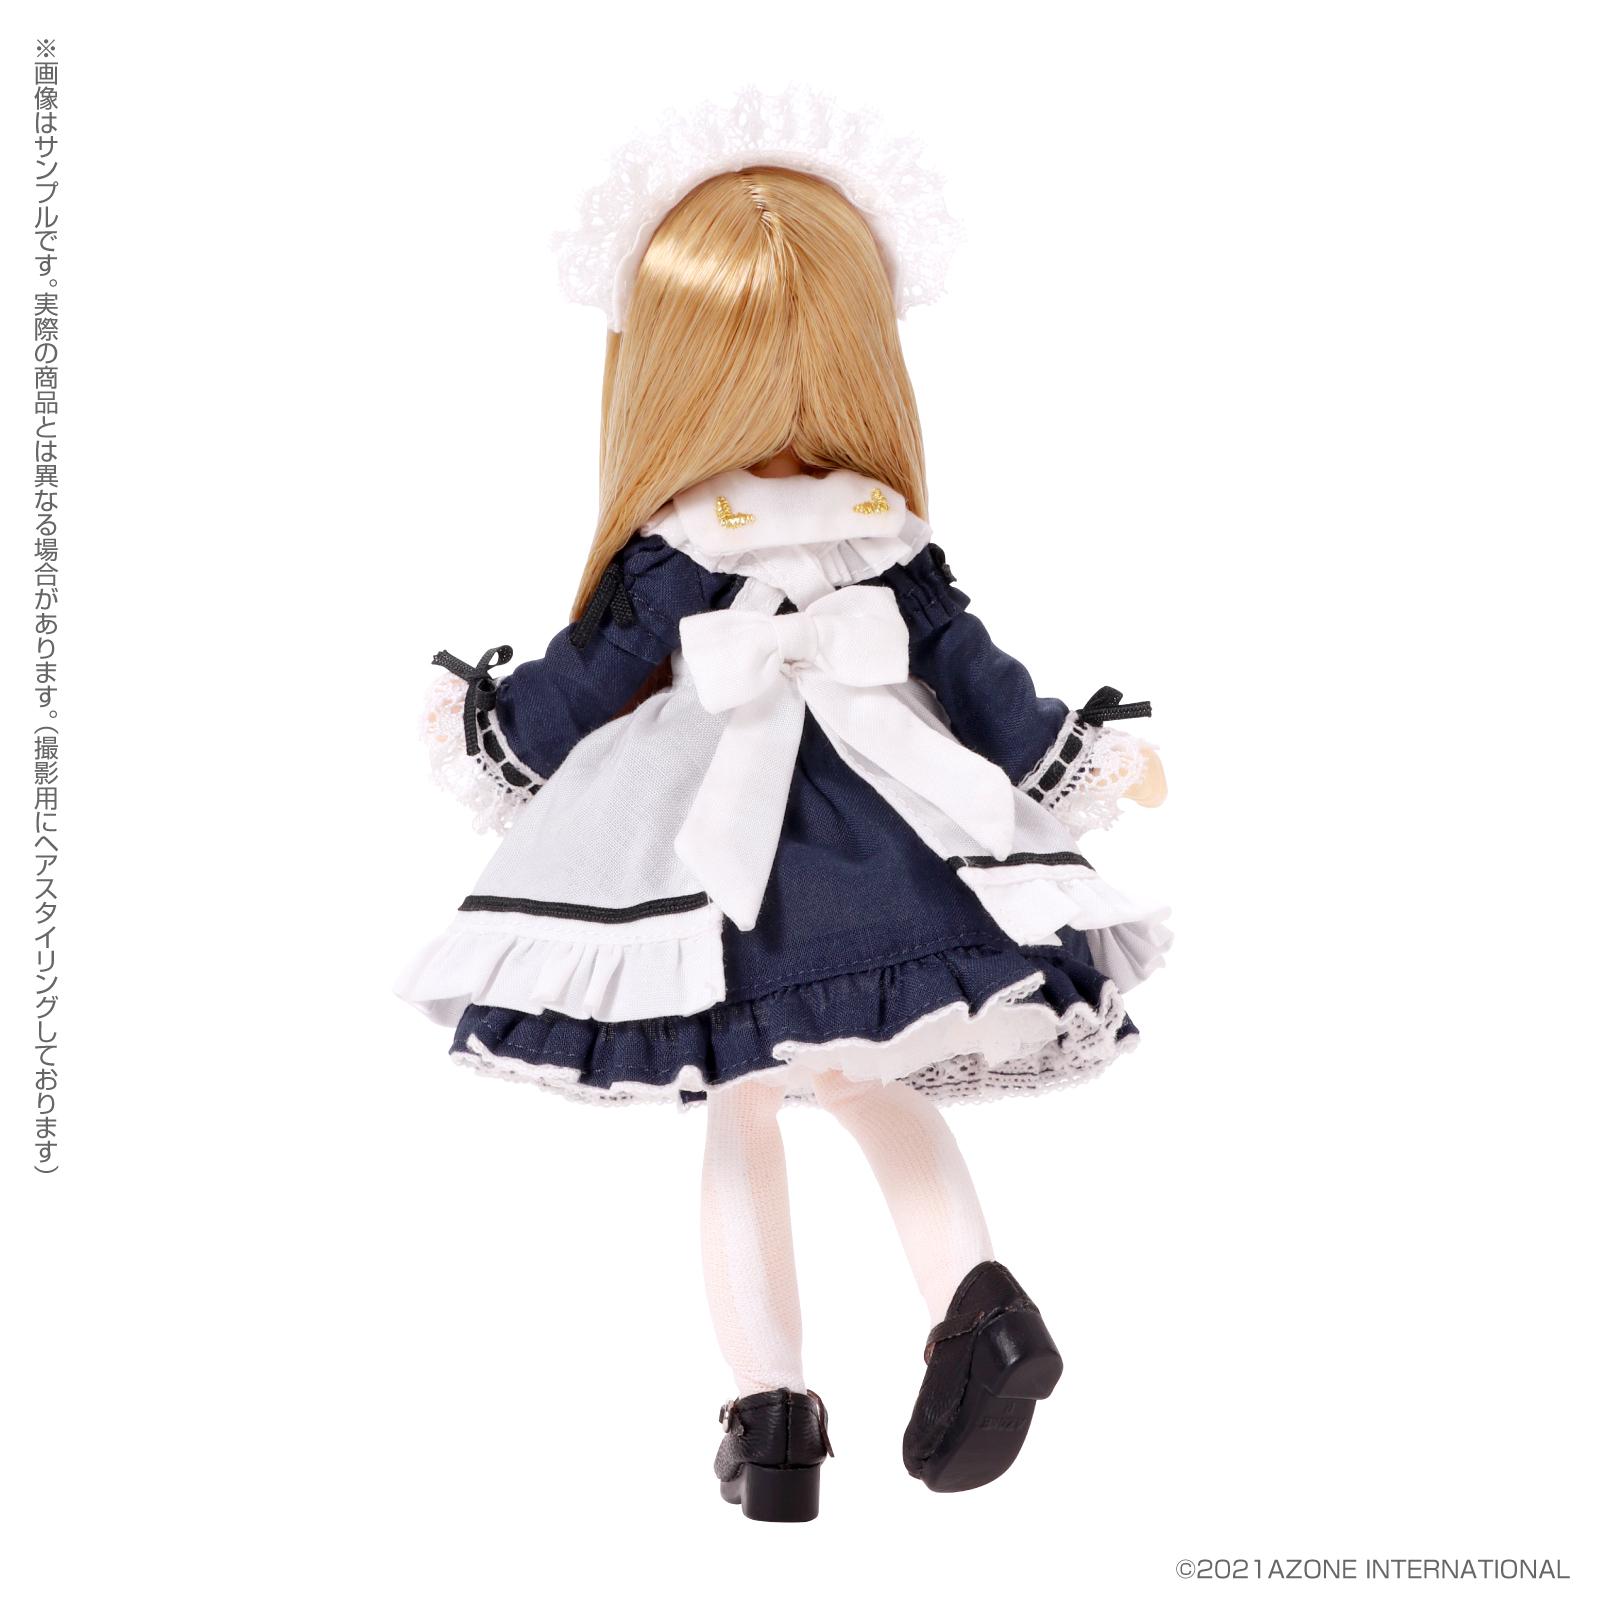 Lil'Fairy ~ちいさなお手伝いさん~『エルノ 7th anniv.(ノーマル口ver.)』1/12 完成品ドール-018